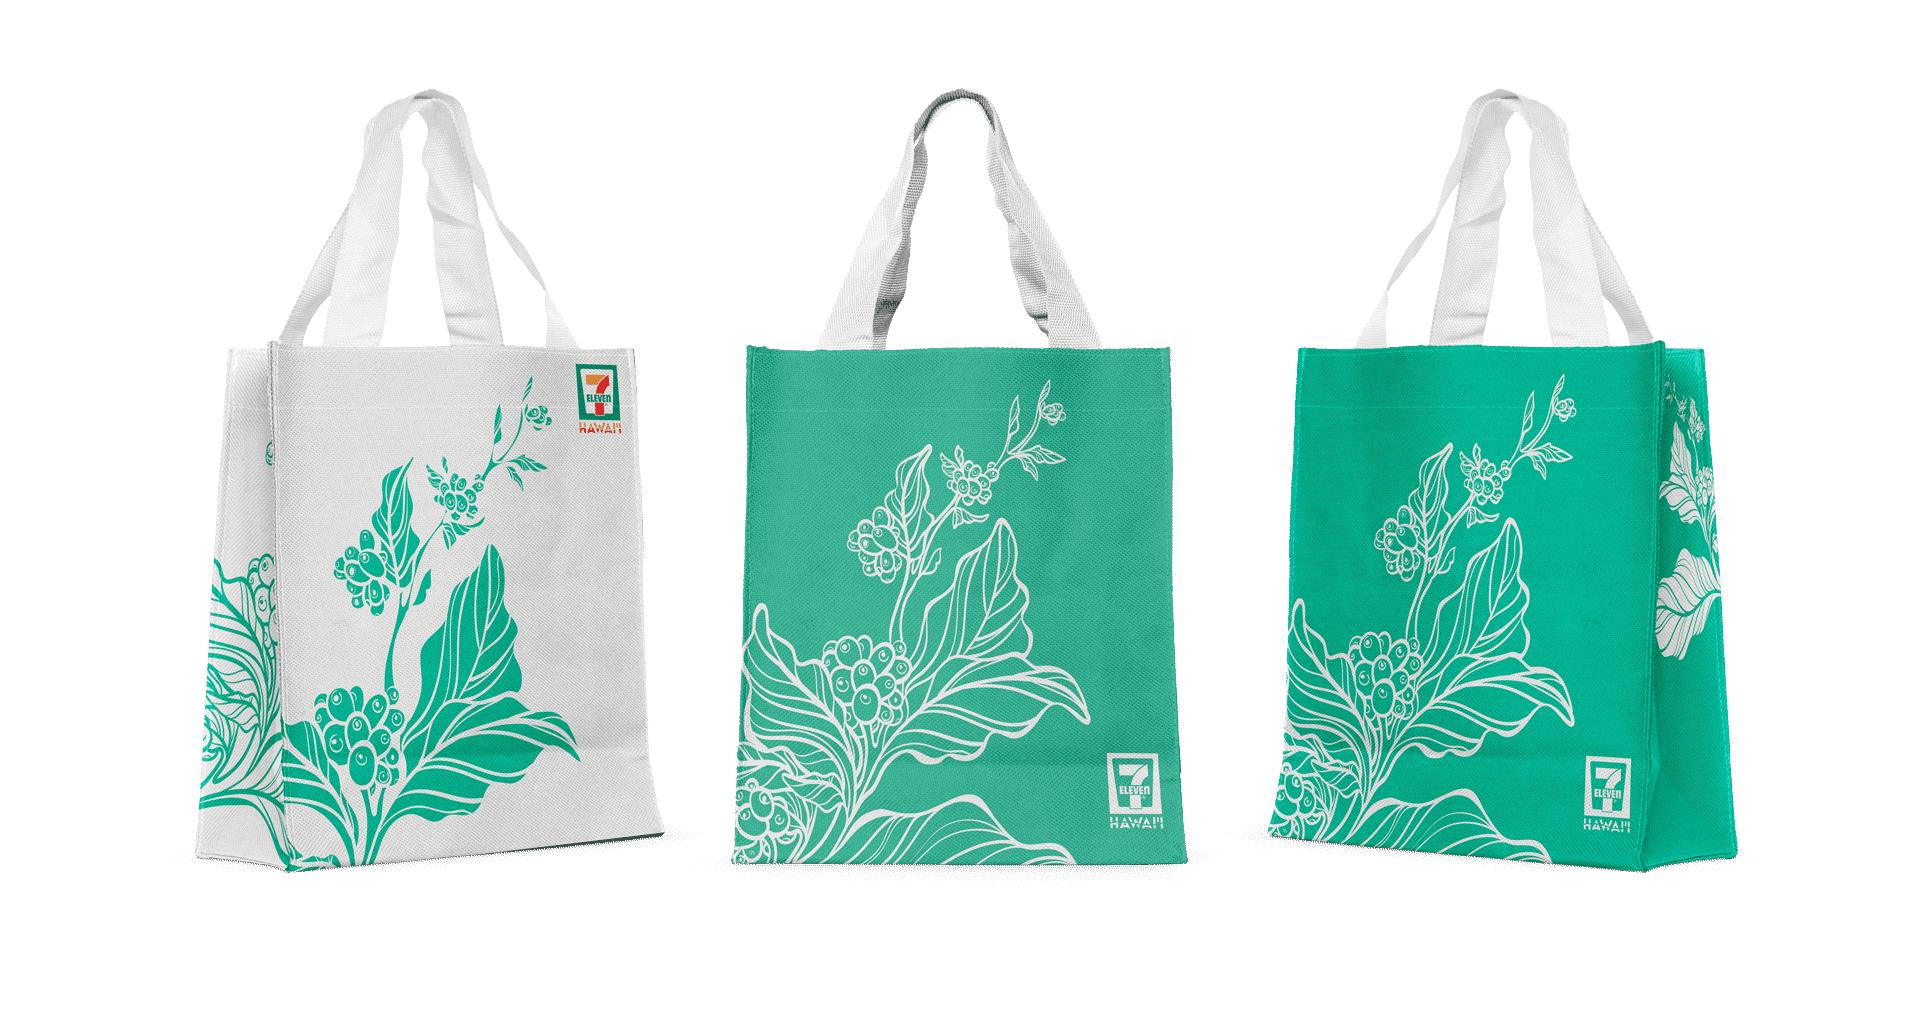 7-Eleven-Bag-Design4.png